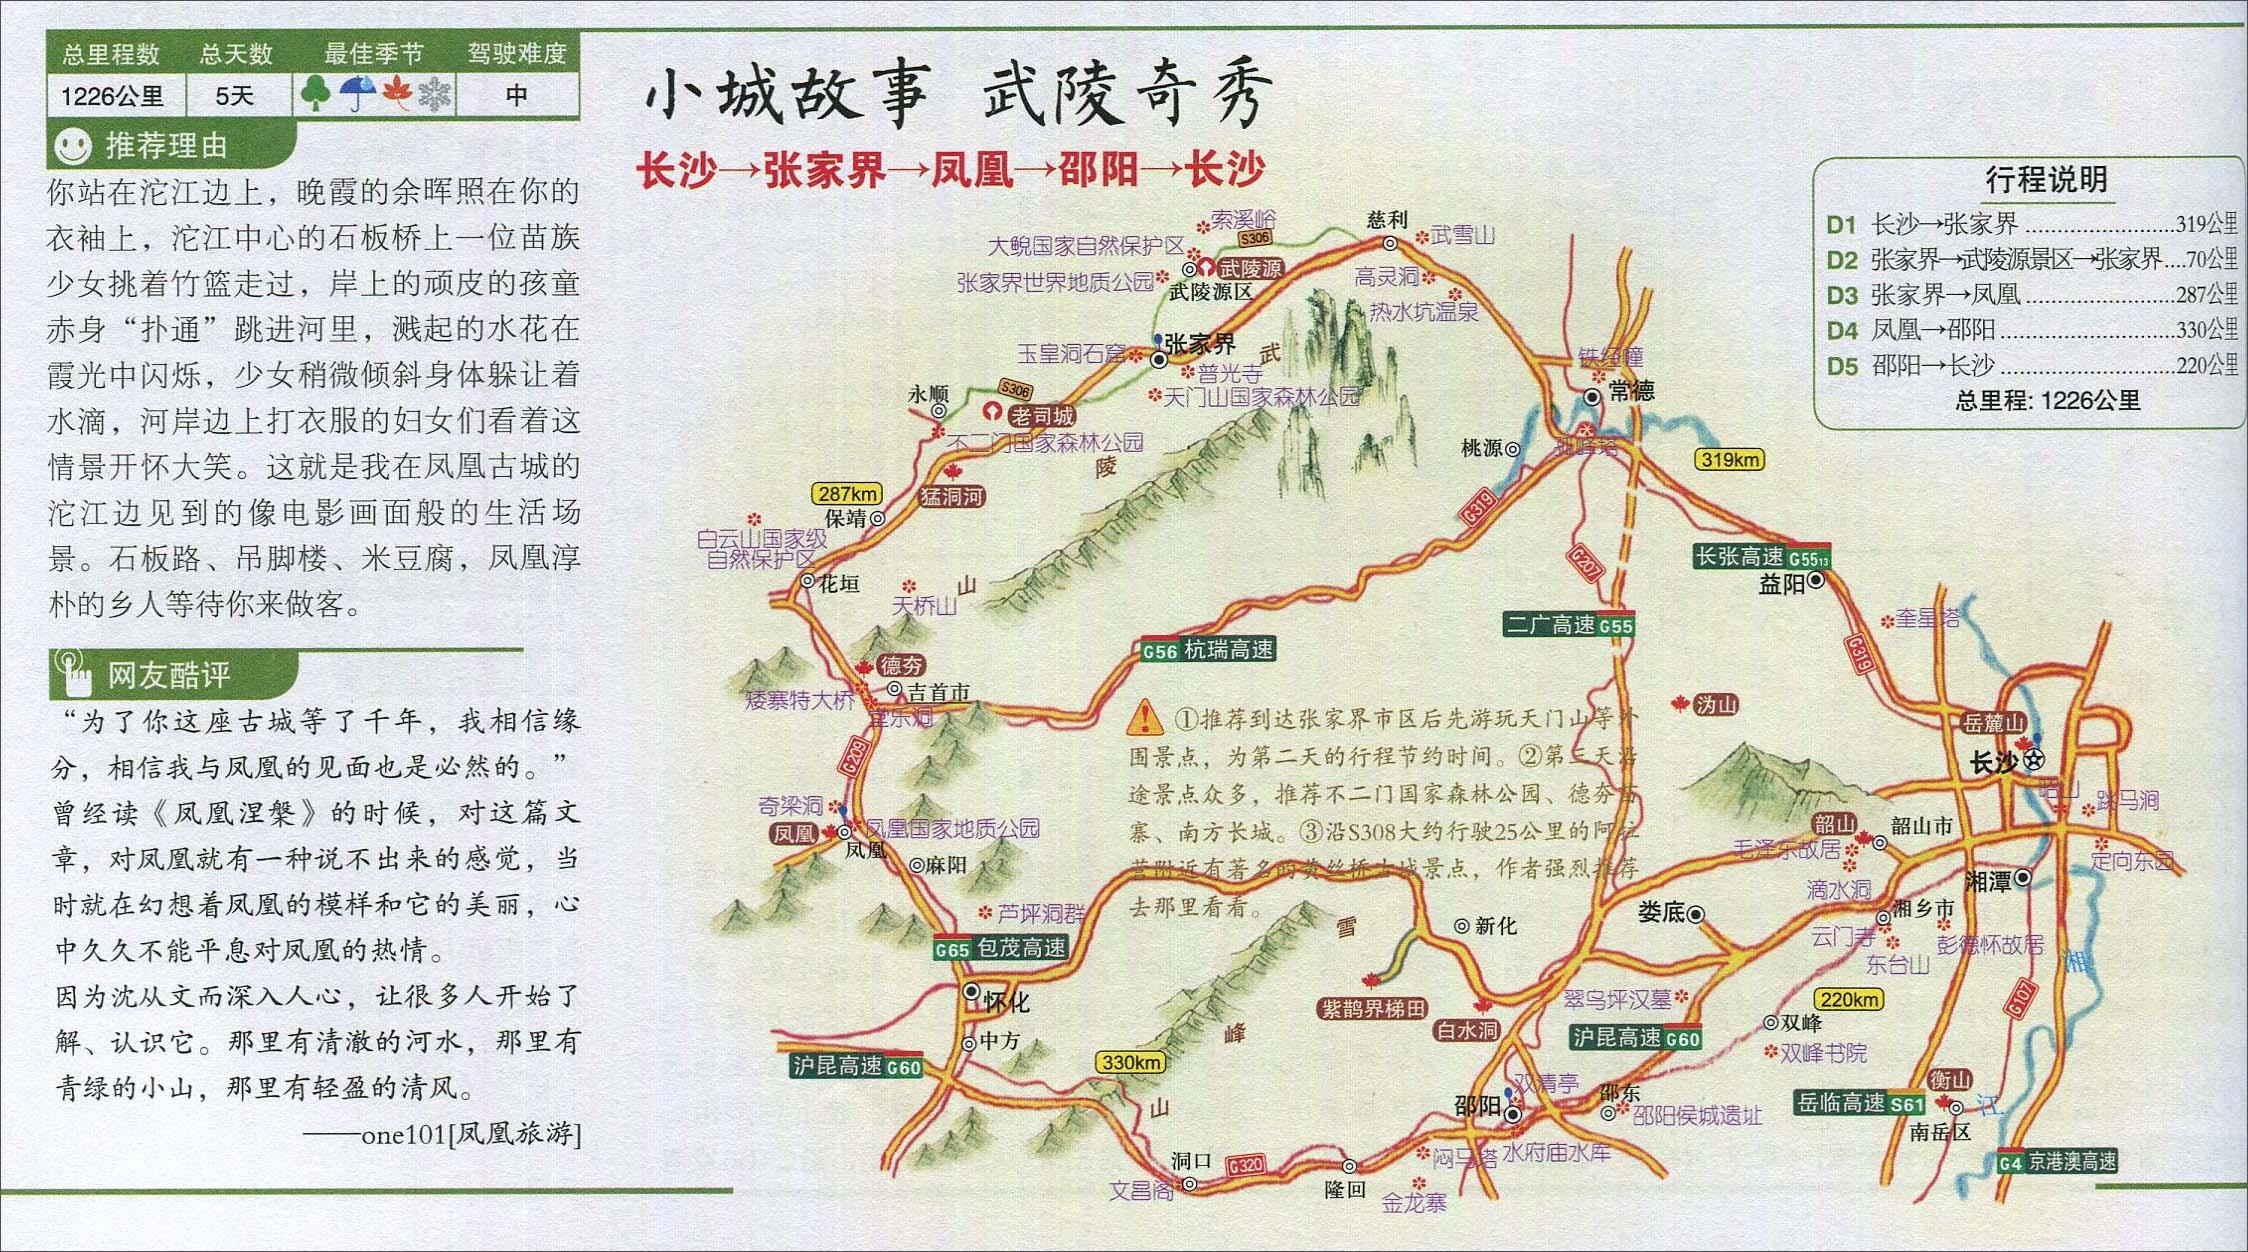 上海西藏自驾游_长沙至张家界自驾游路线图_湖南旅游地图库_地图窝